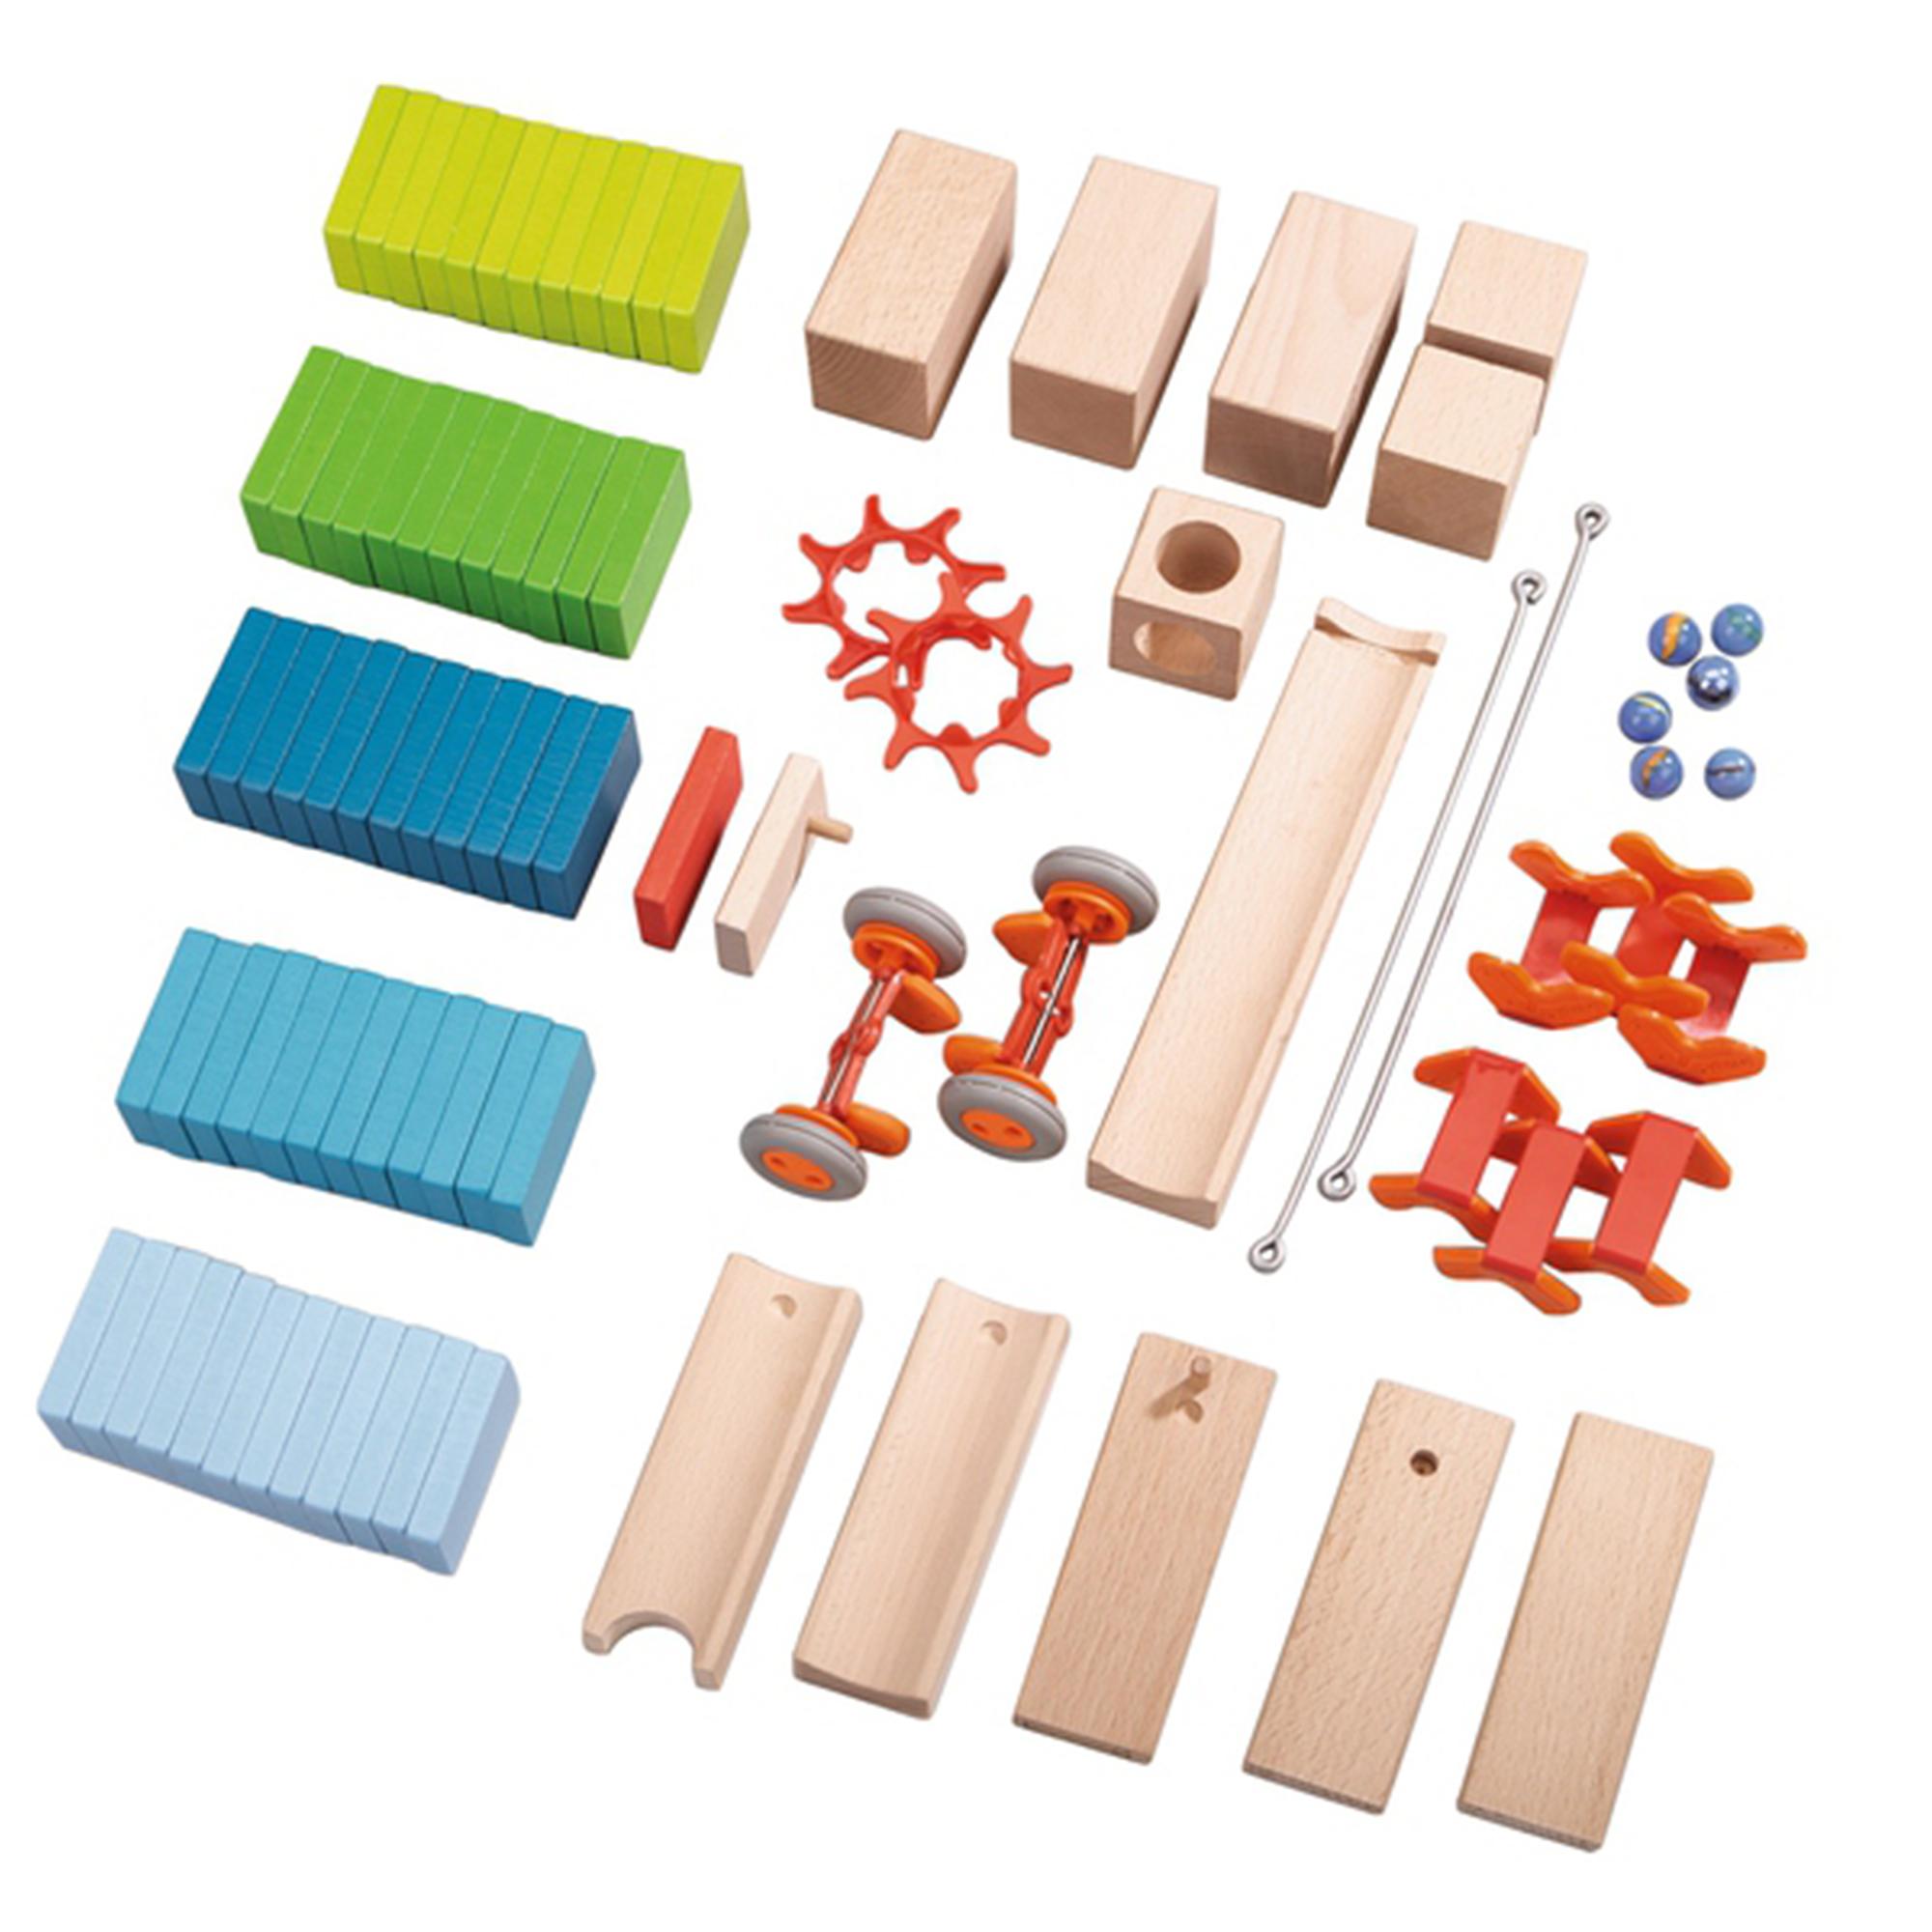 Domino din lemn pentru incepatori, haba, 87 piese, 3-10ani